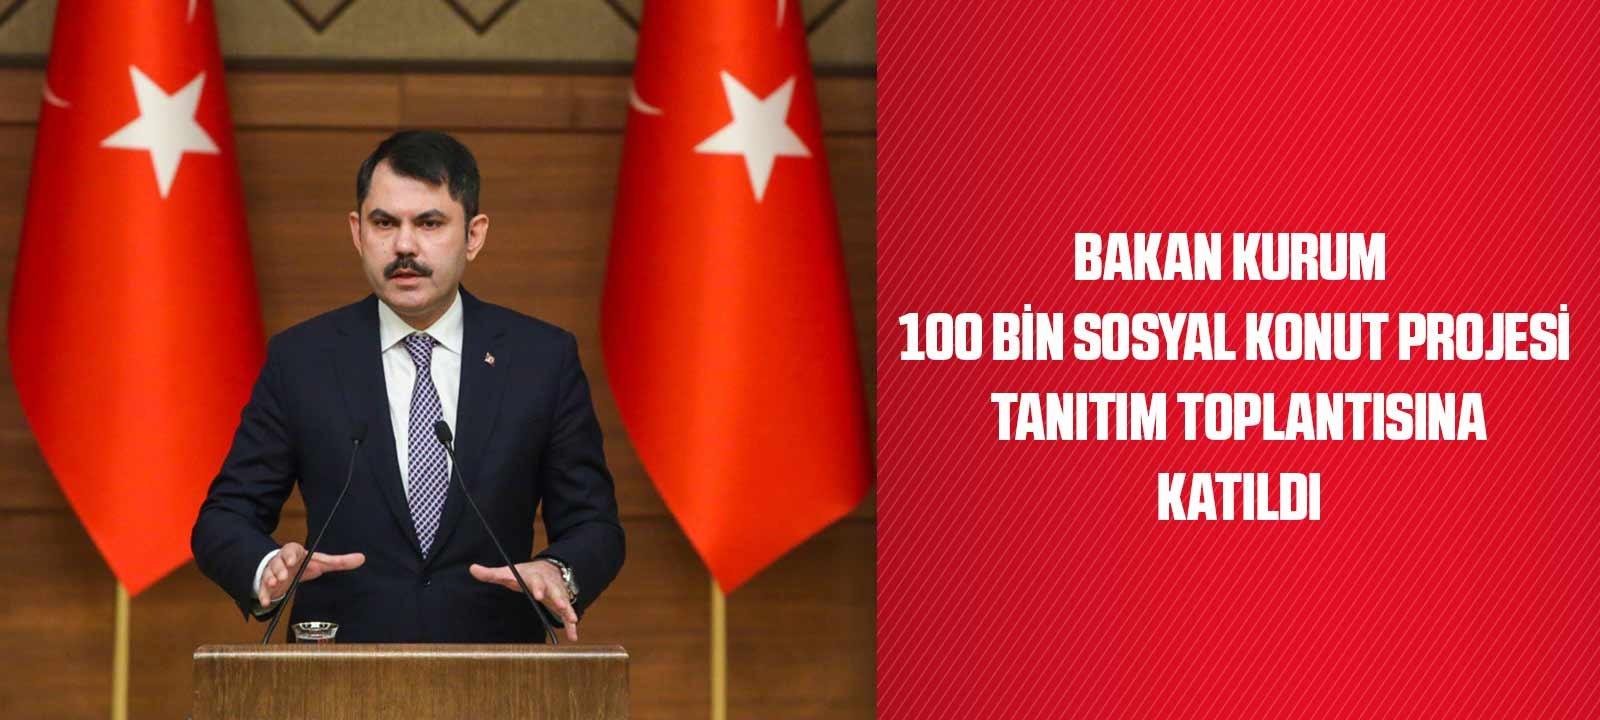 """KURUM: """"GECE GÜNDÜZ DEMEDEN 850 BİN BAĞIMSIZ BÖLÜM ÜRETTİK"""""""